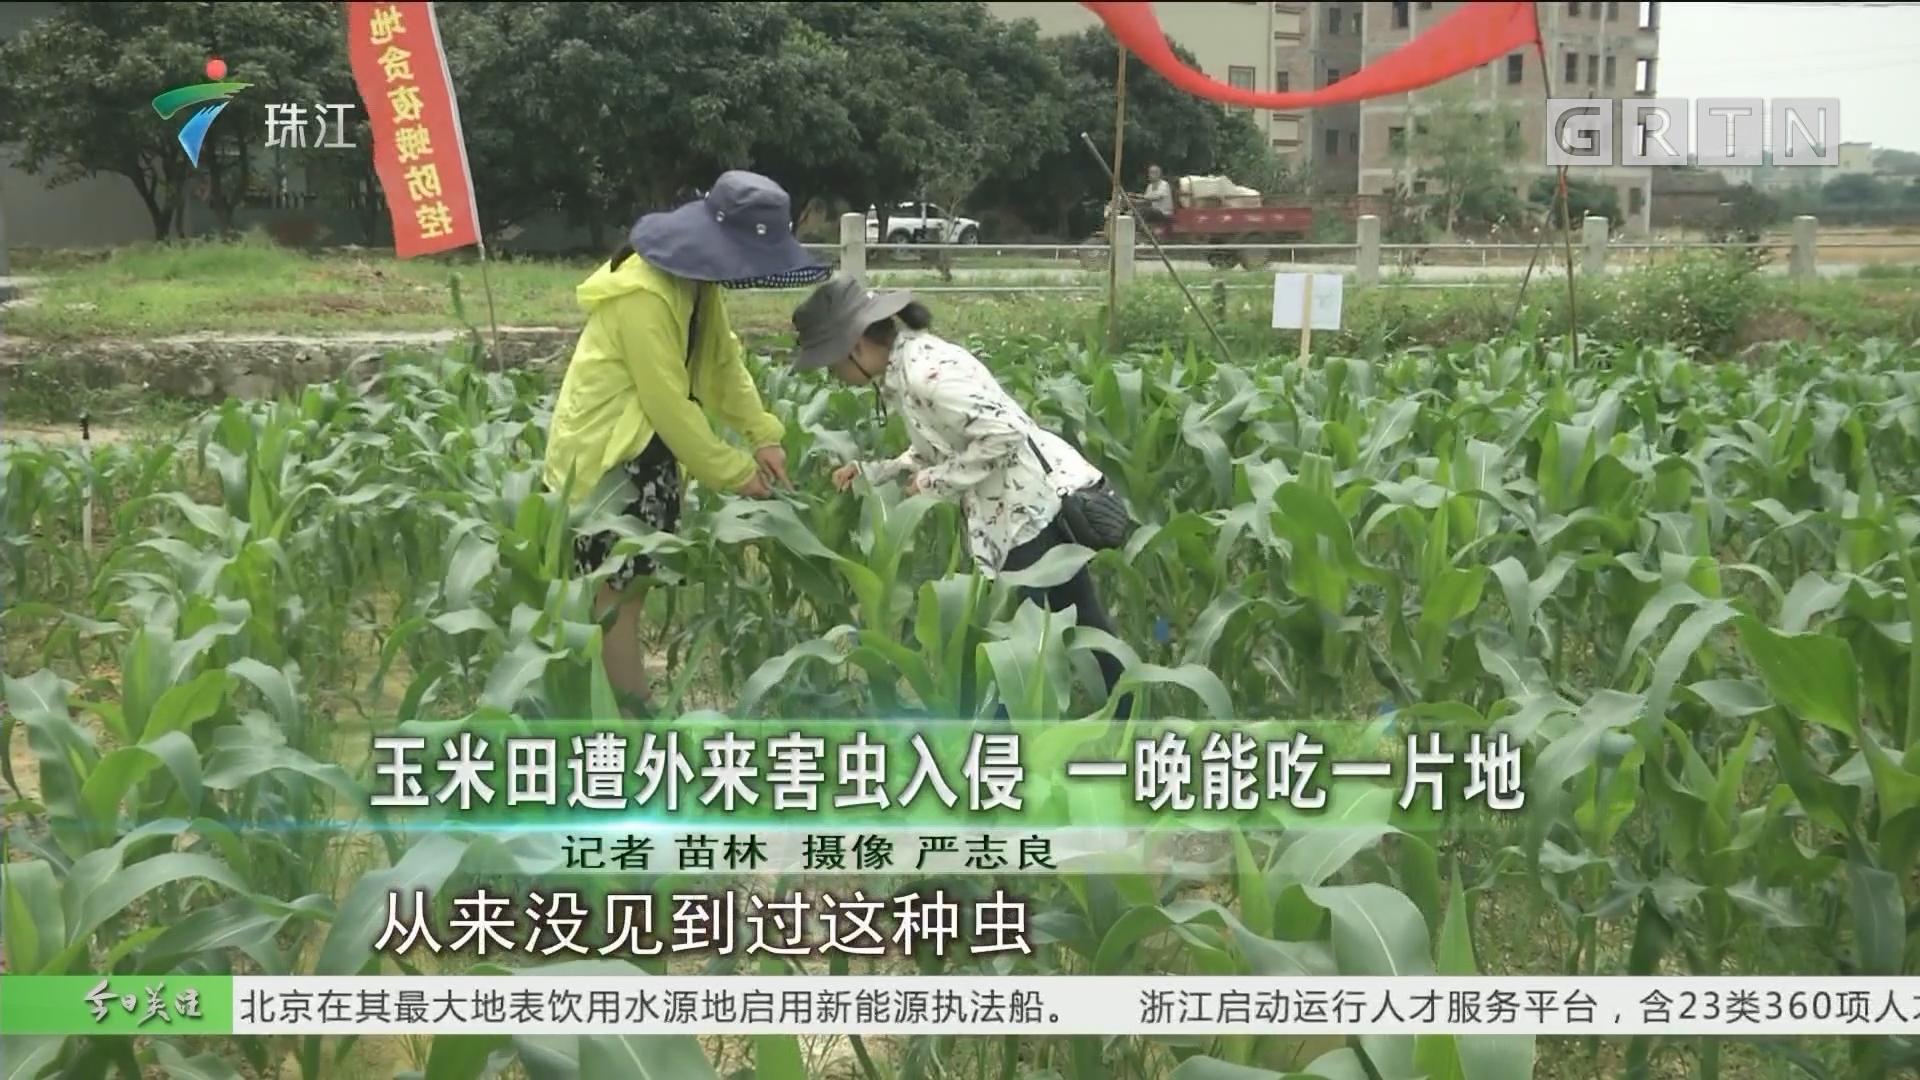 玉米田遭外来害虫入侵 一晚能吃一片地